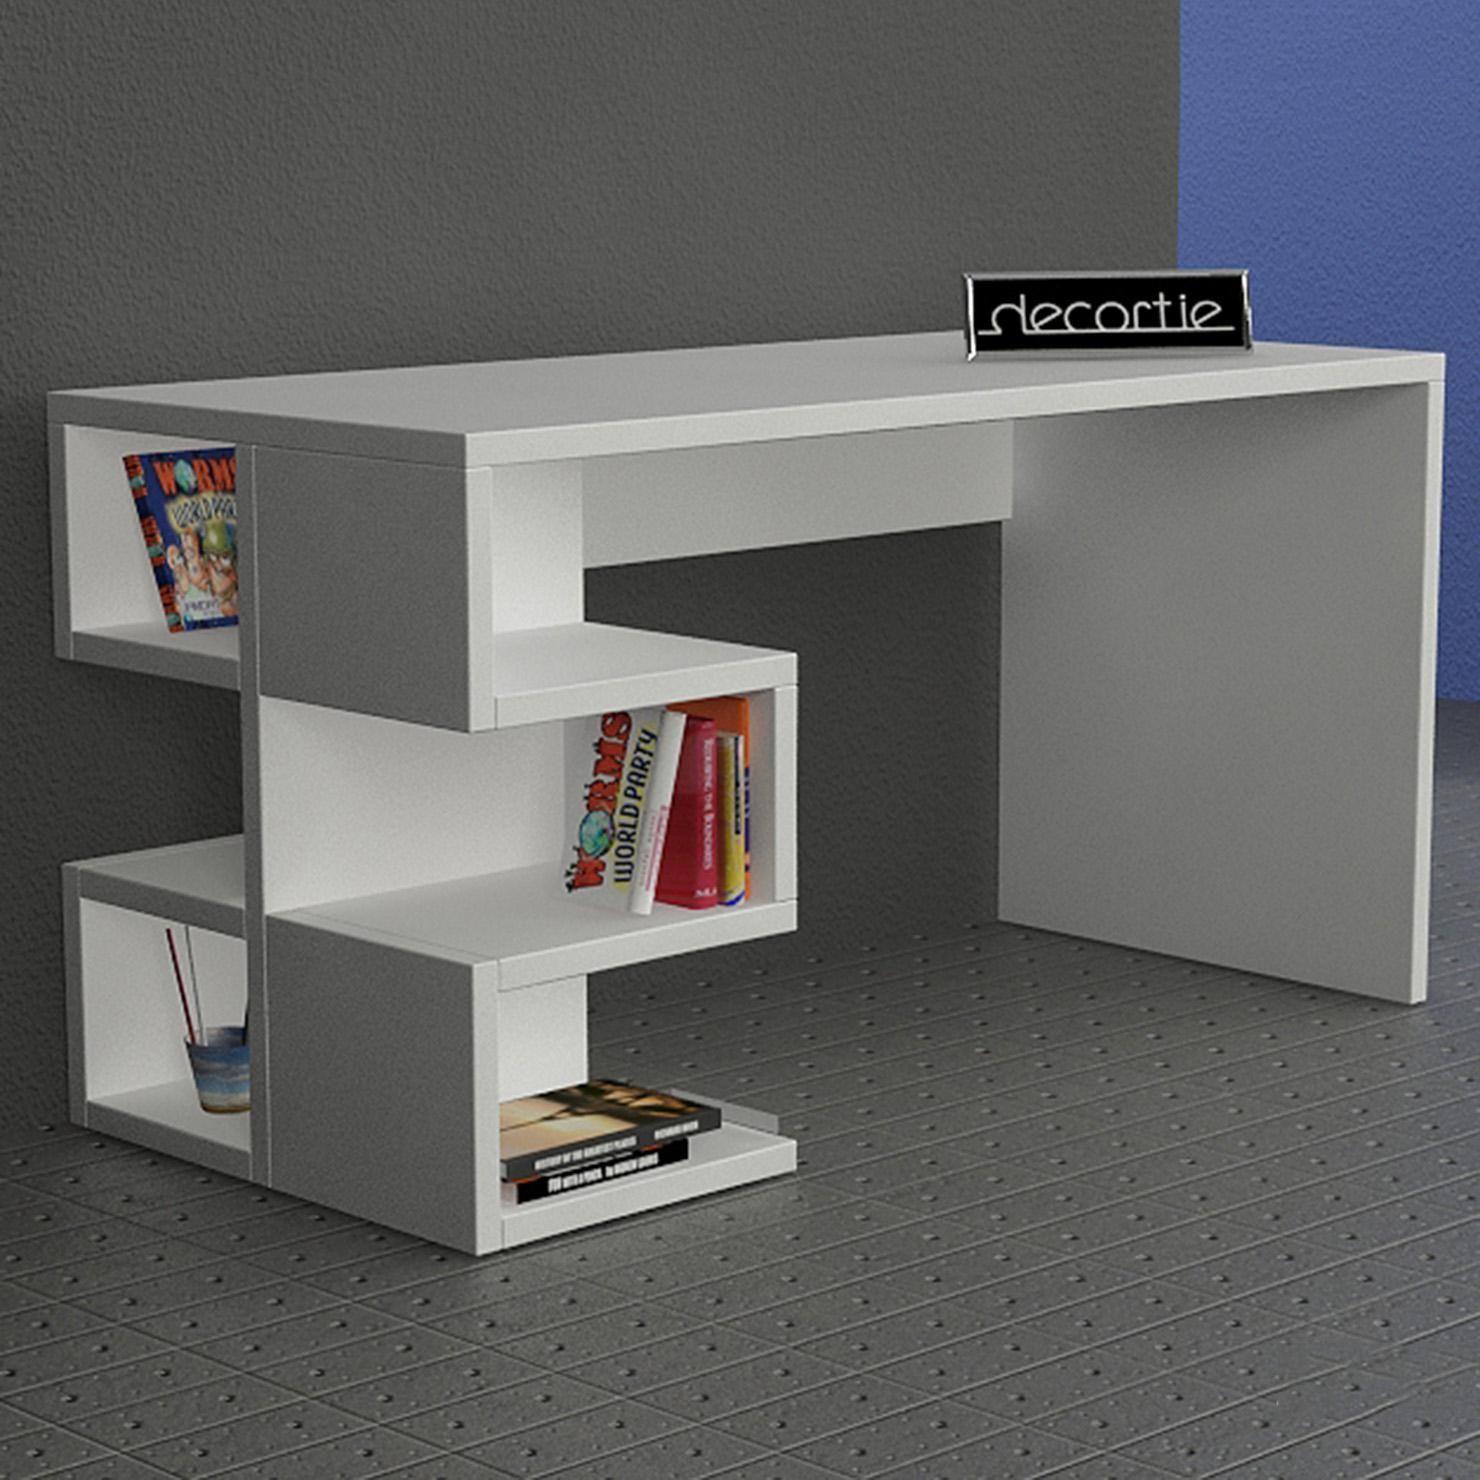 1000+ images about Mooie bibliotheek inrichtingen on Pinterest ...